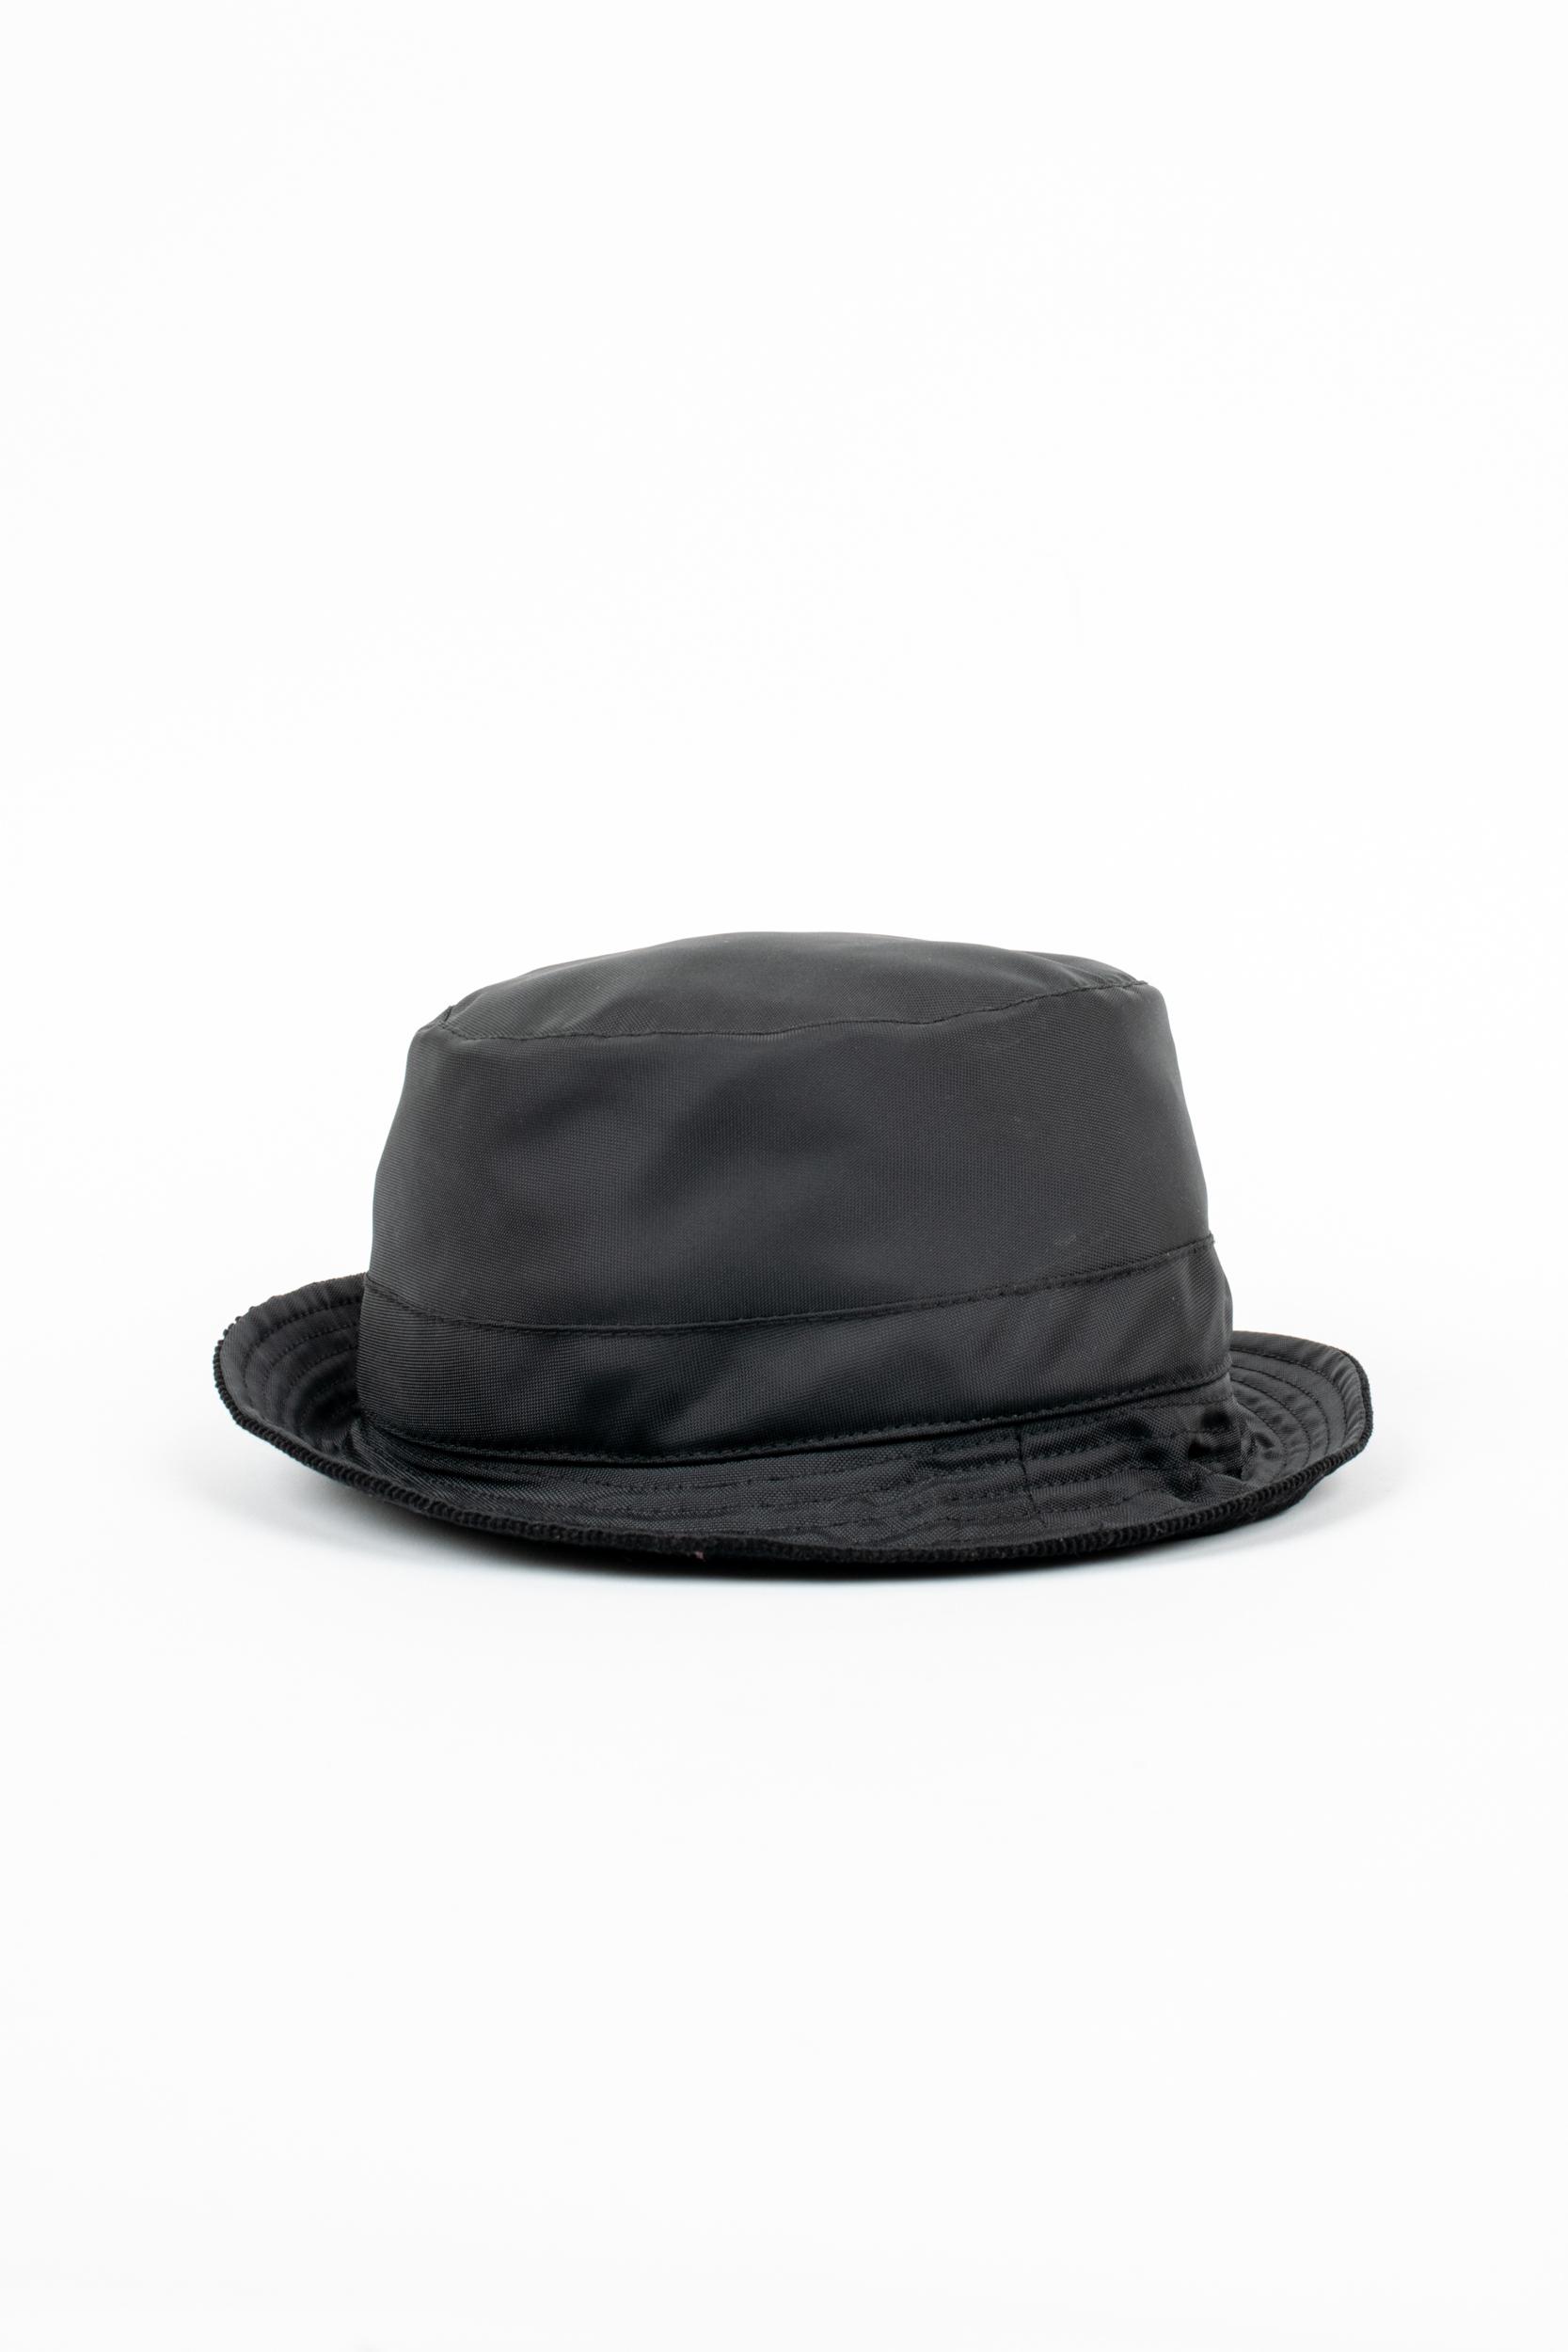 Grevi - Black classic rain hat — Vico dei Bolognesi 6634515119d3